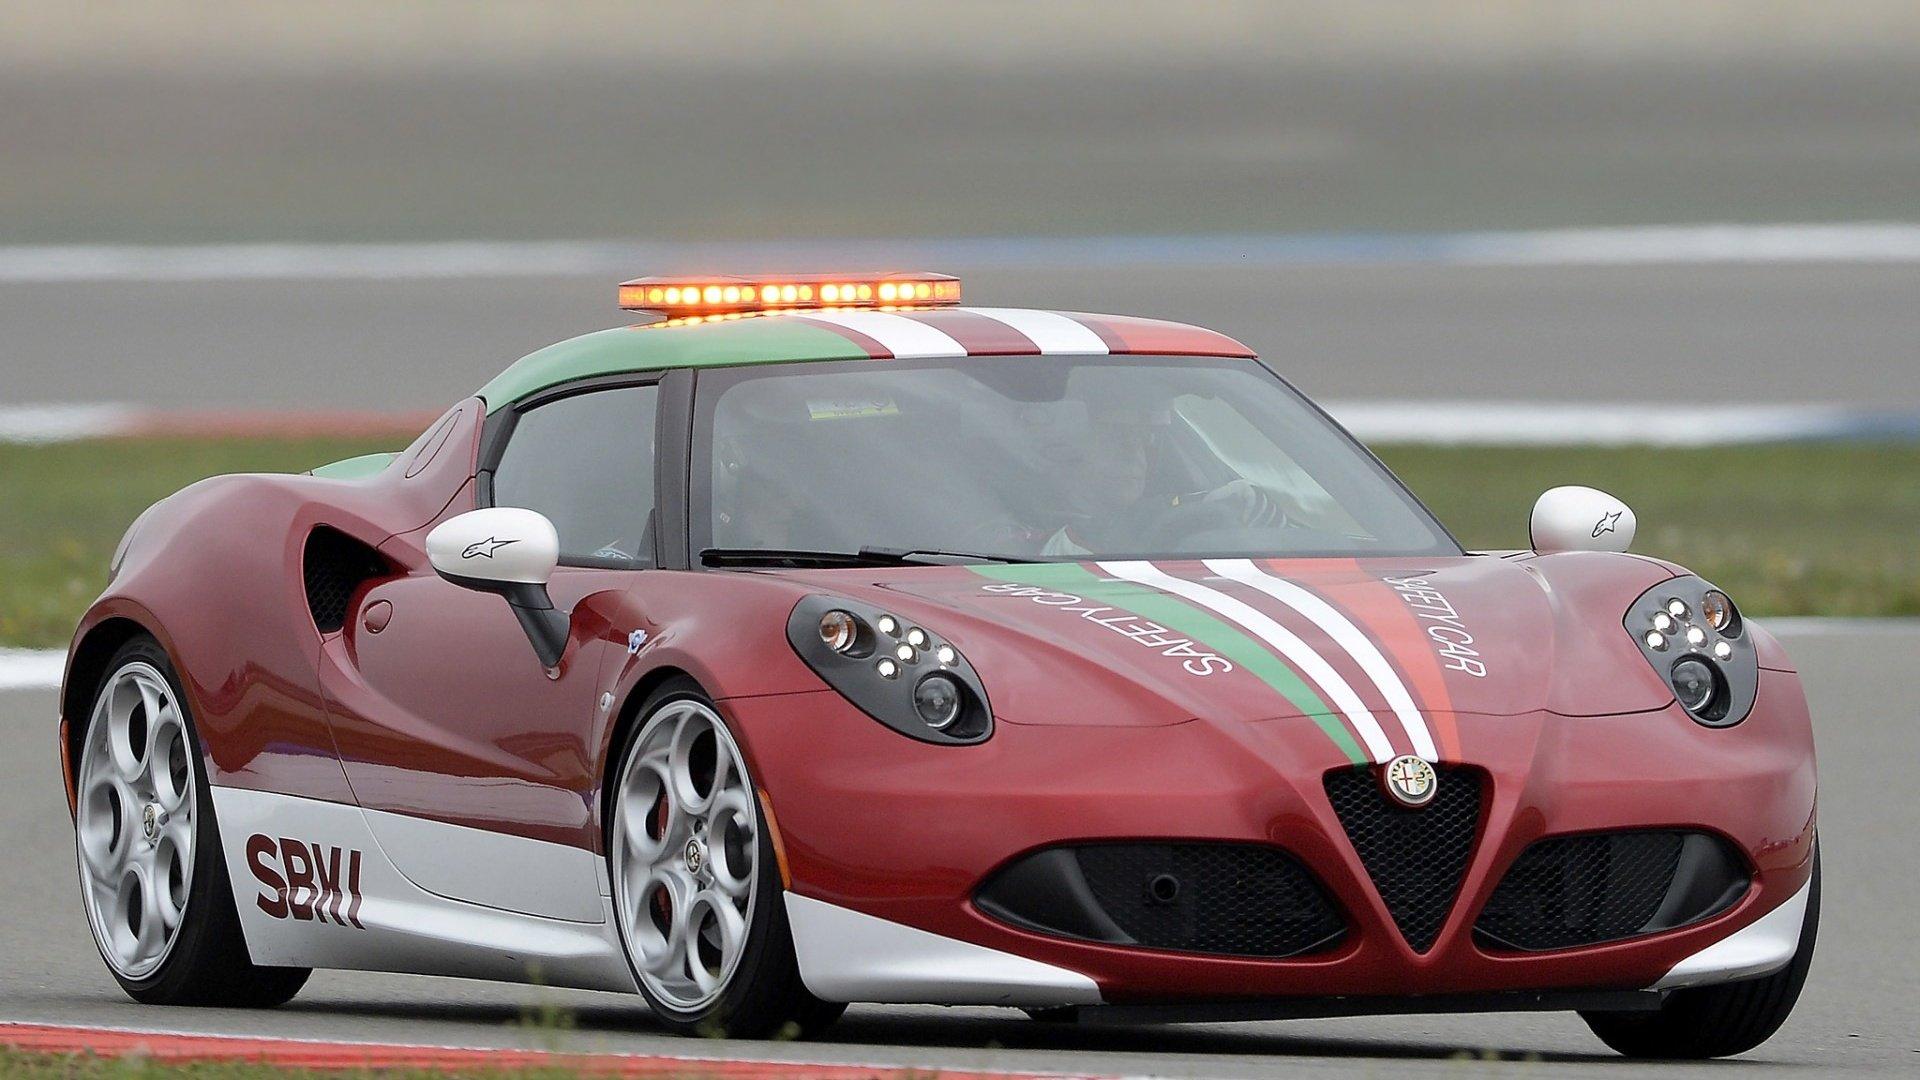 alfa romeo 4c красный автомобиль red car анонимно